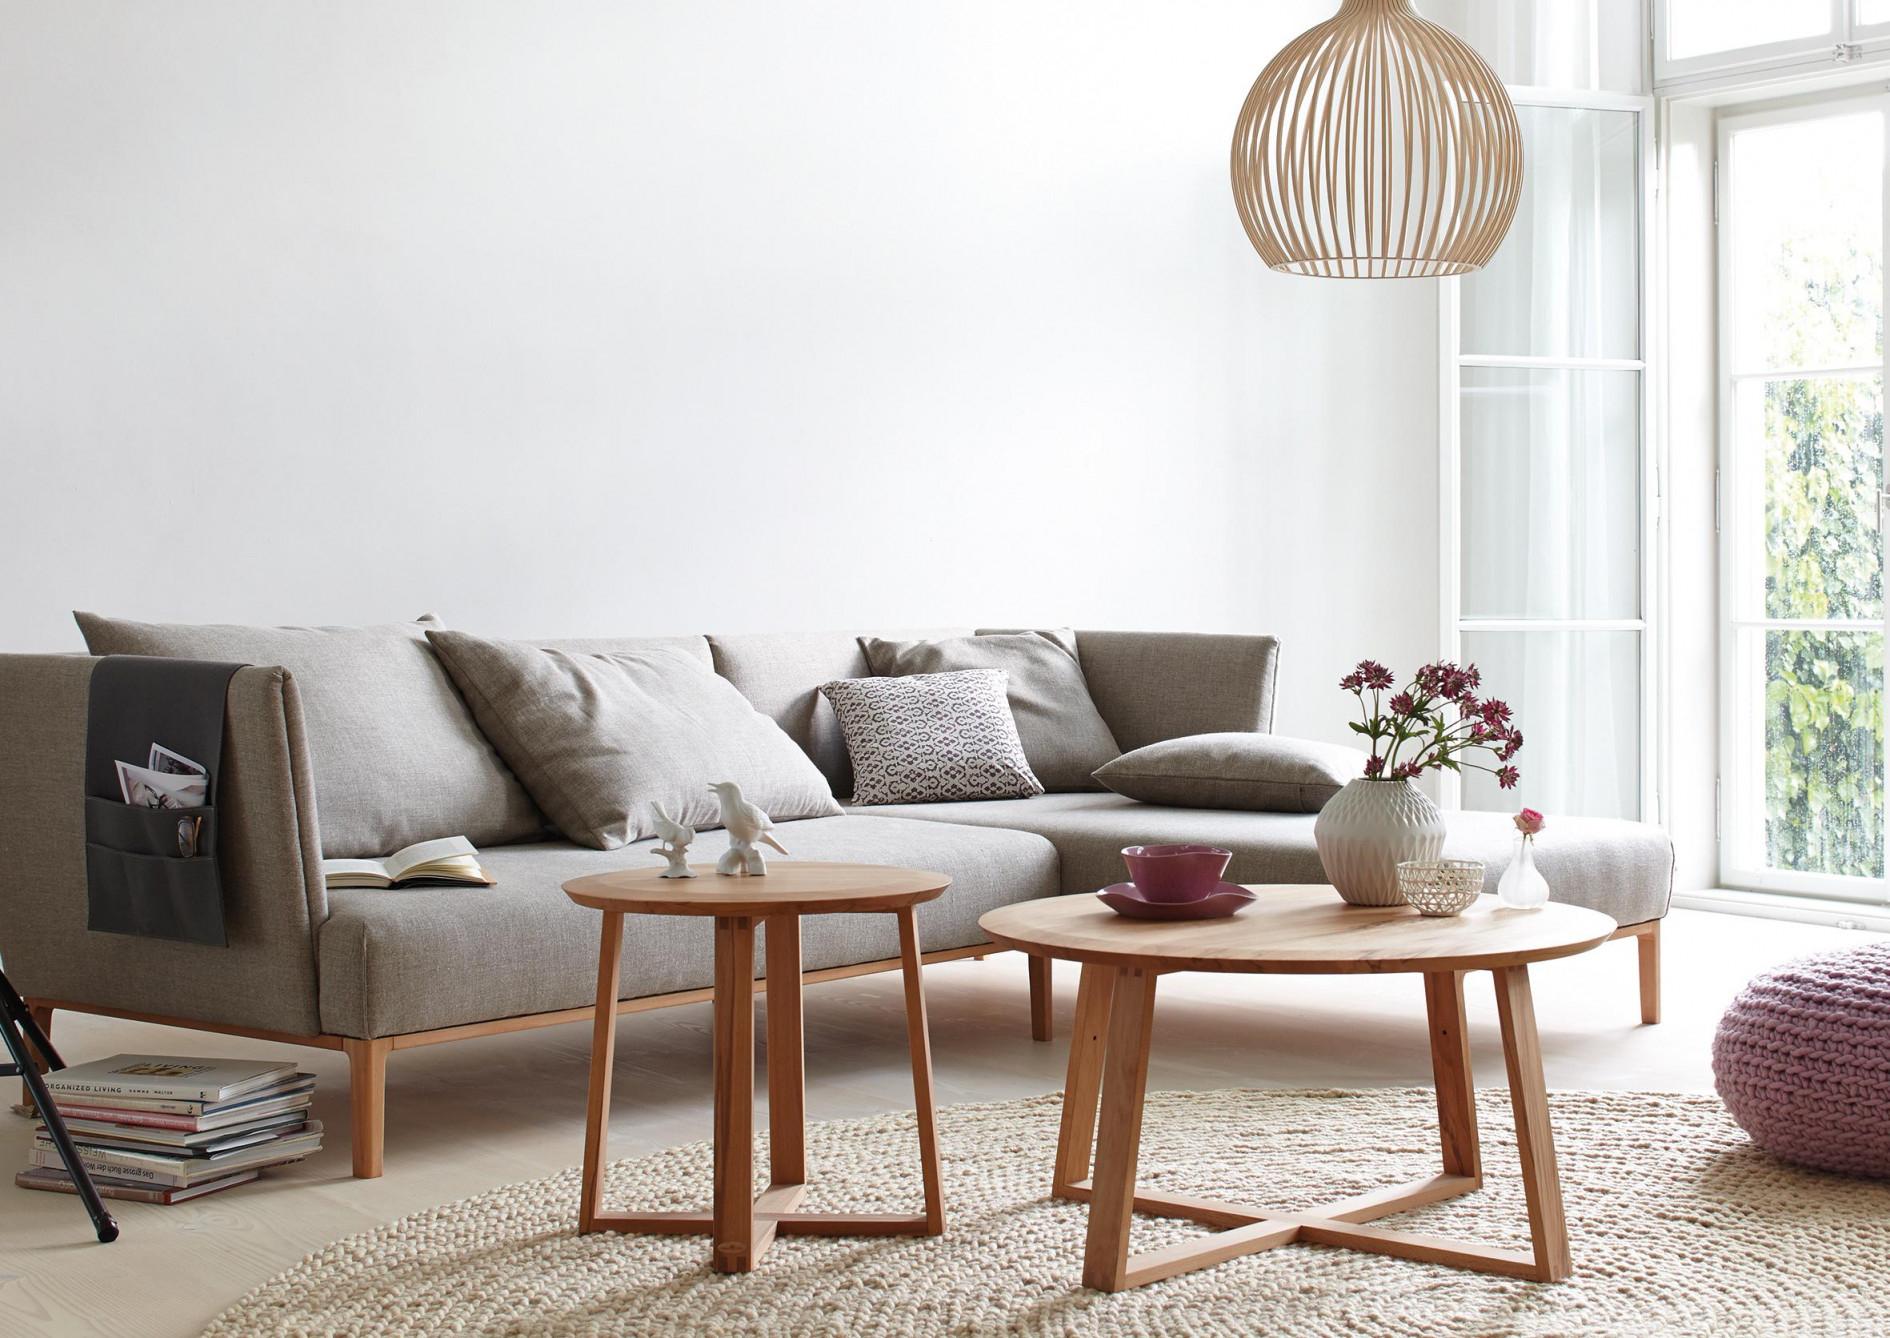 Runder Teppich • Bilder  Ideen • Couch von Runder Wohnzimmer Teppich Photo